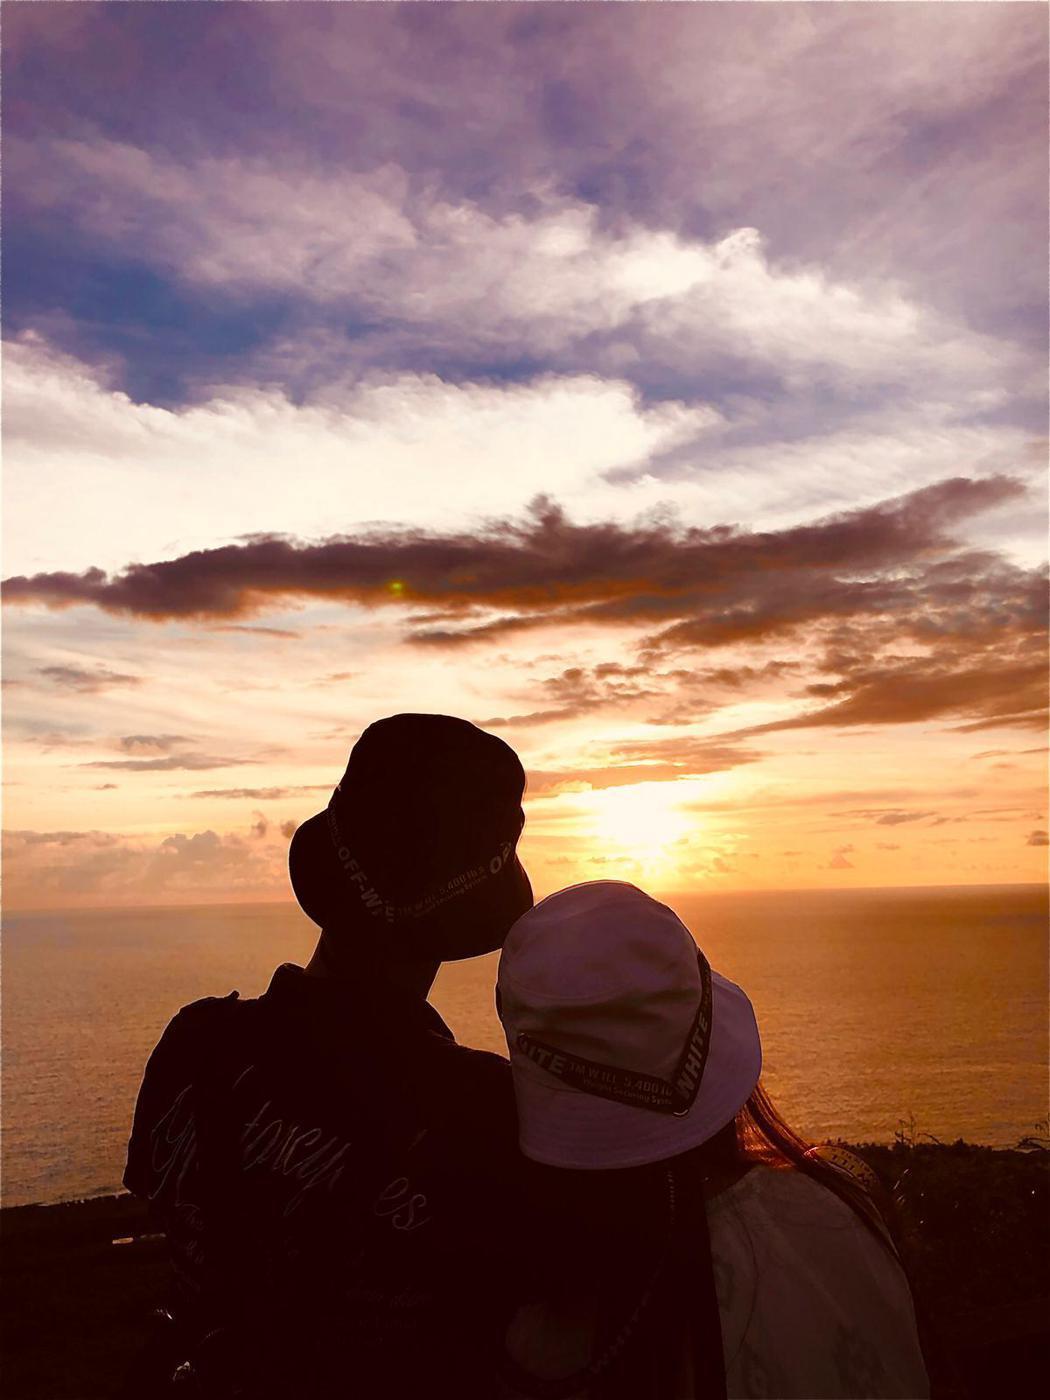 包偉銘(左)與老婆劉依純造訪關山看夕陽,浪漫背後滿是恐懼。圖/翰森娛樂提供